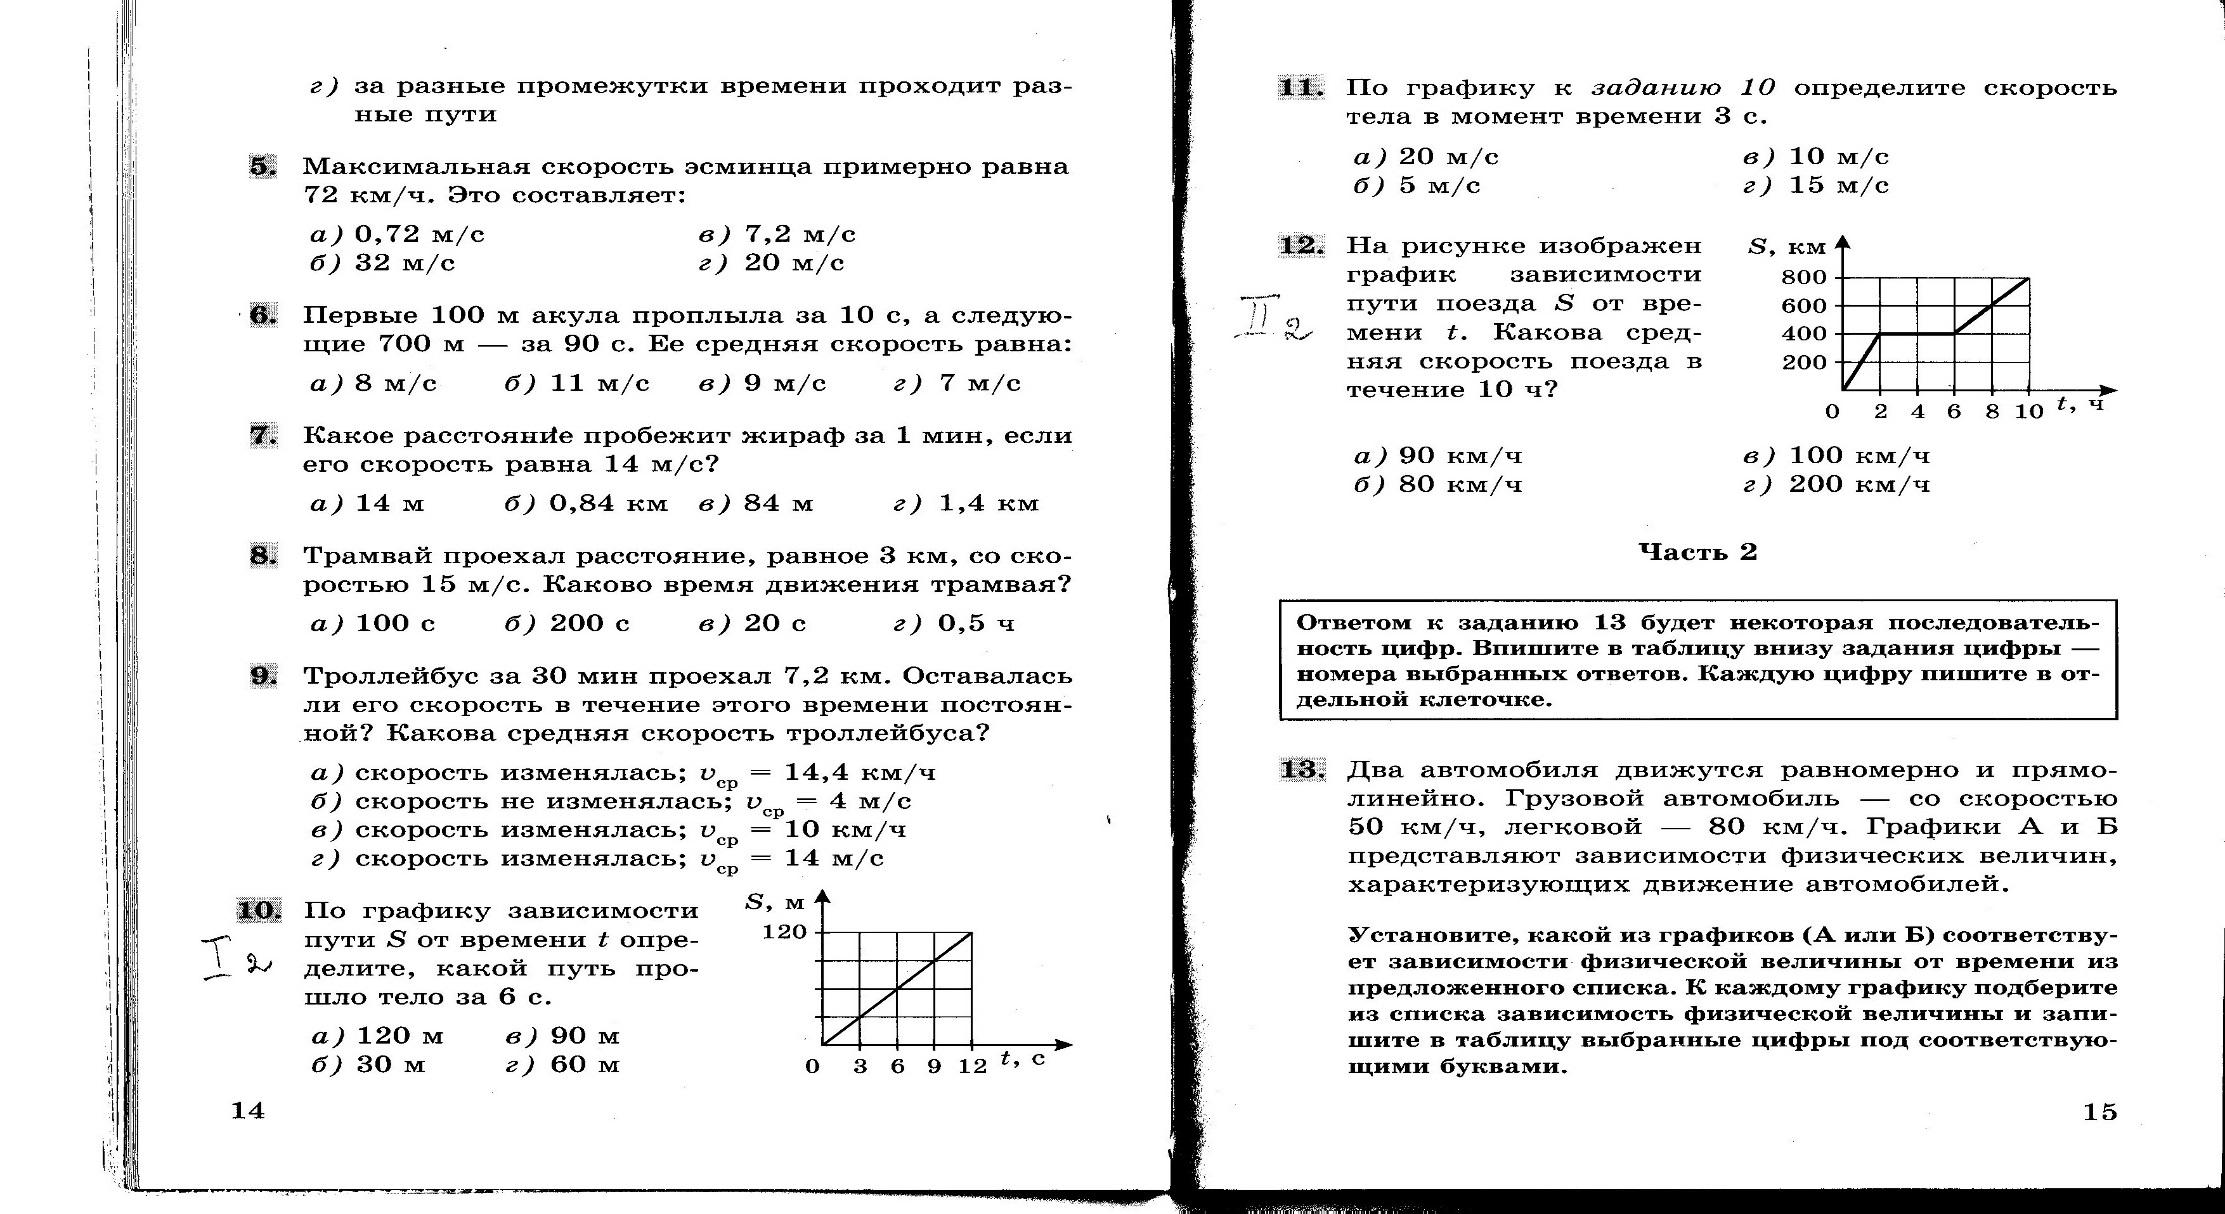 Контрольная работа по физике решения задач решение треугольника задачи